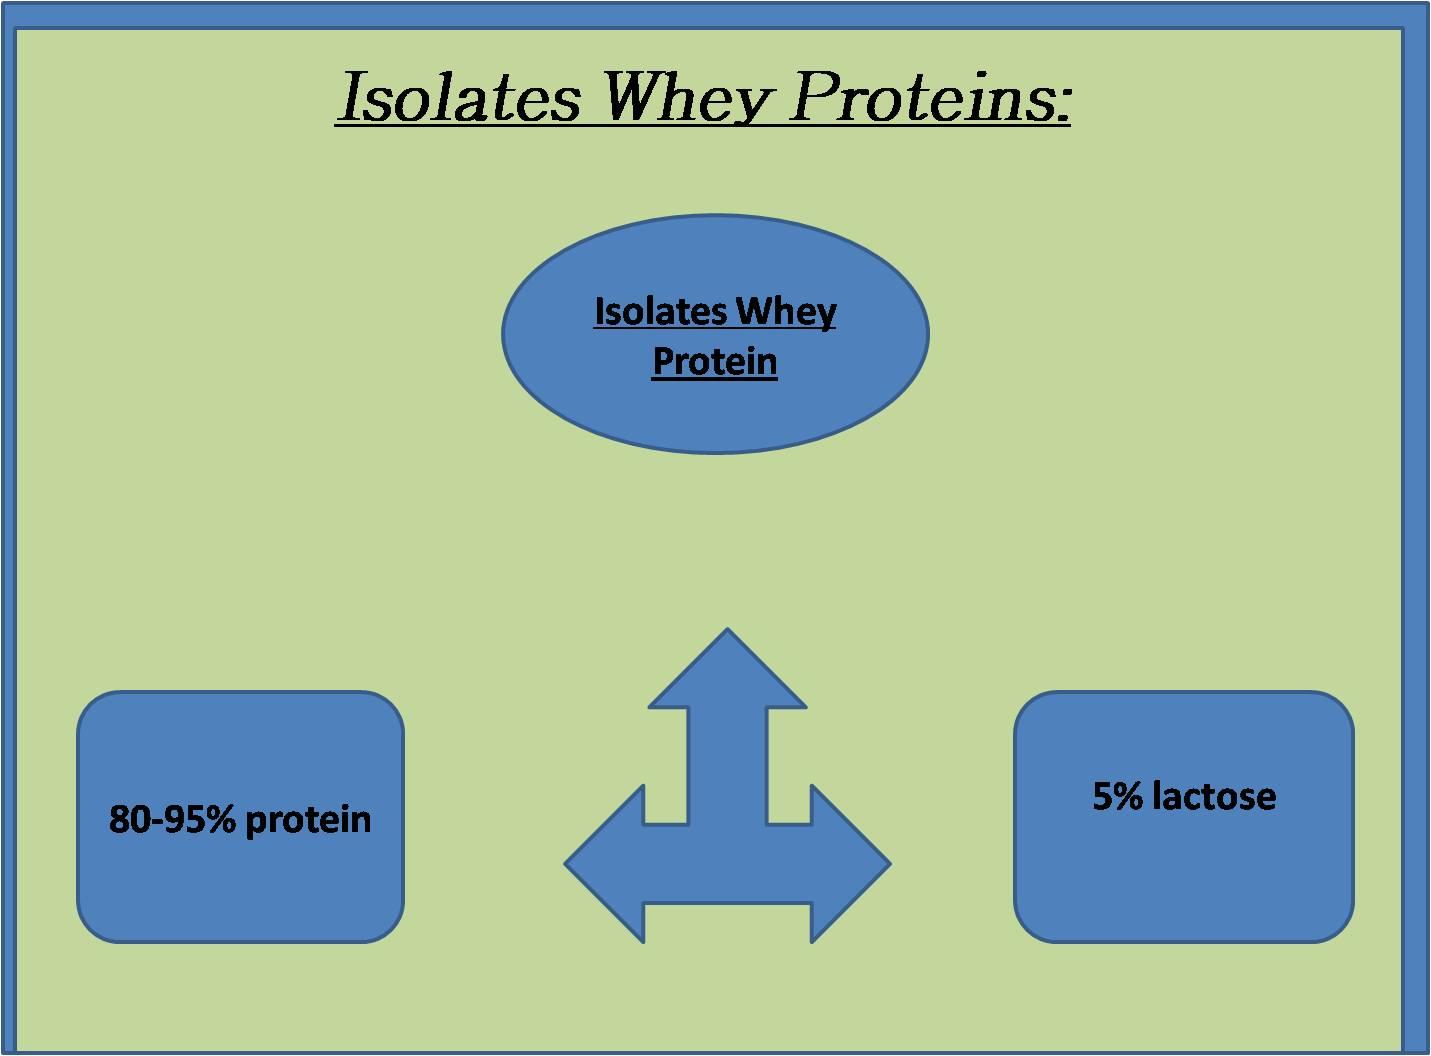 Isolates Whey Protein